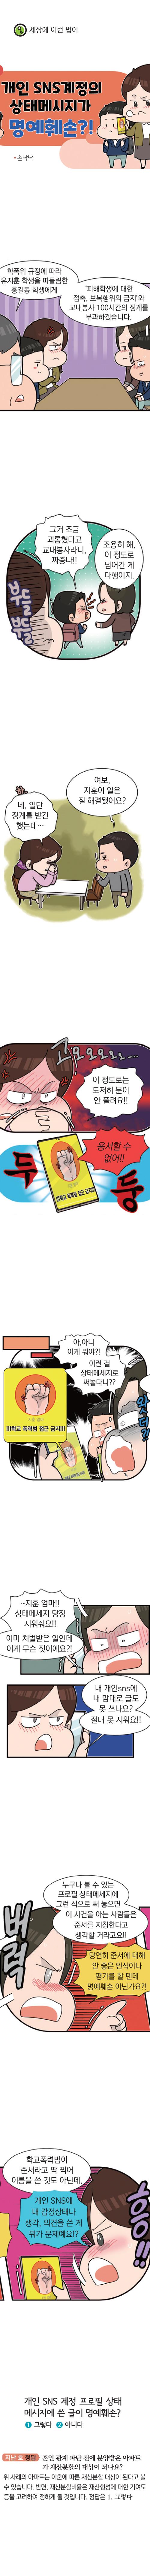 <법나들이 2020년 12월> 개인 SNS 계정의 상태메시지가 명예훼손?!